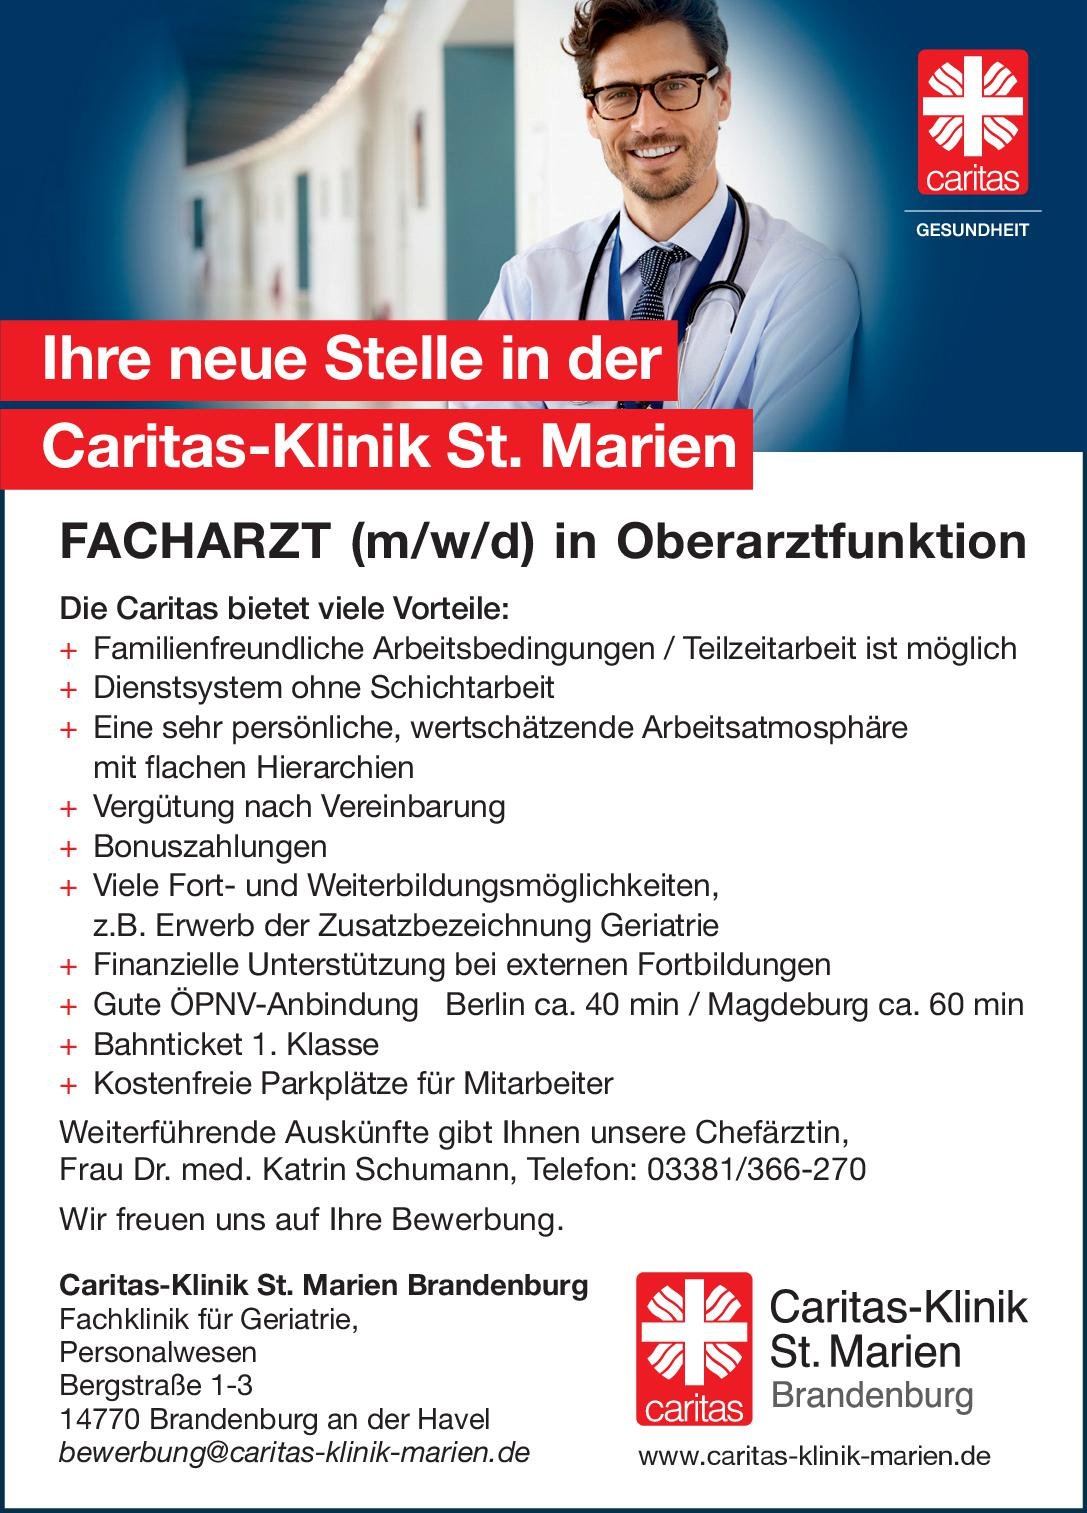 Caritas-Klinik St. Marien Brandenburg Facharzt (m/w/d) in Oberarztfunktion für die Klinik für Geriatrie Geriatrie Arzt / Facharzt, Oberarzt